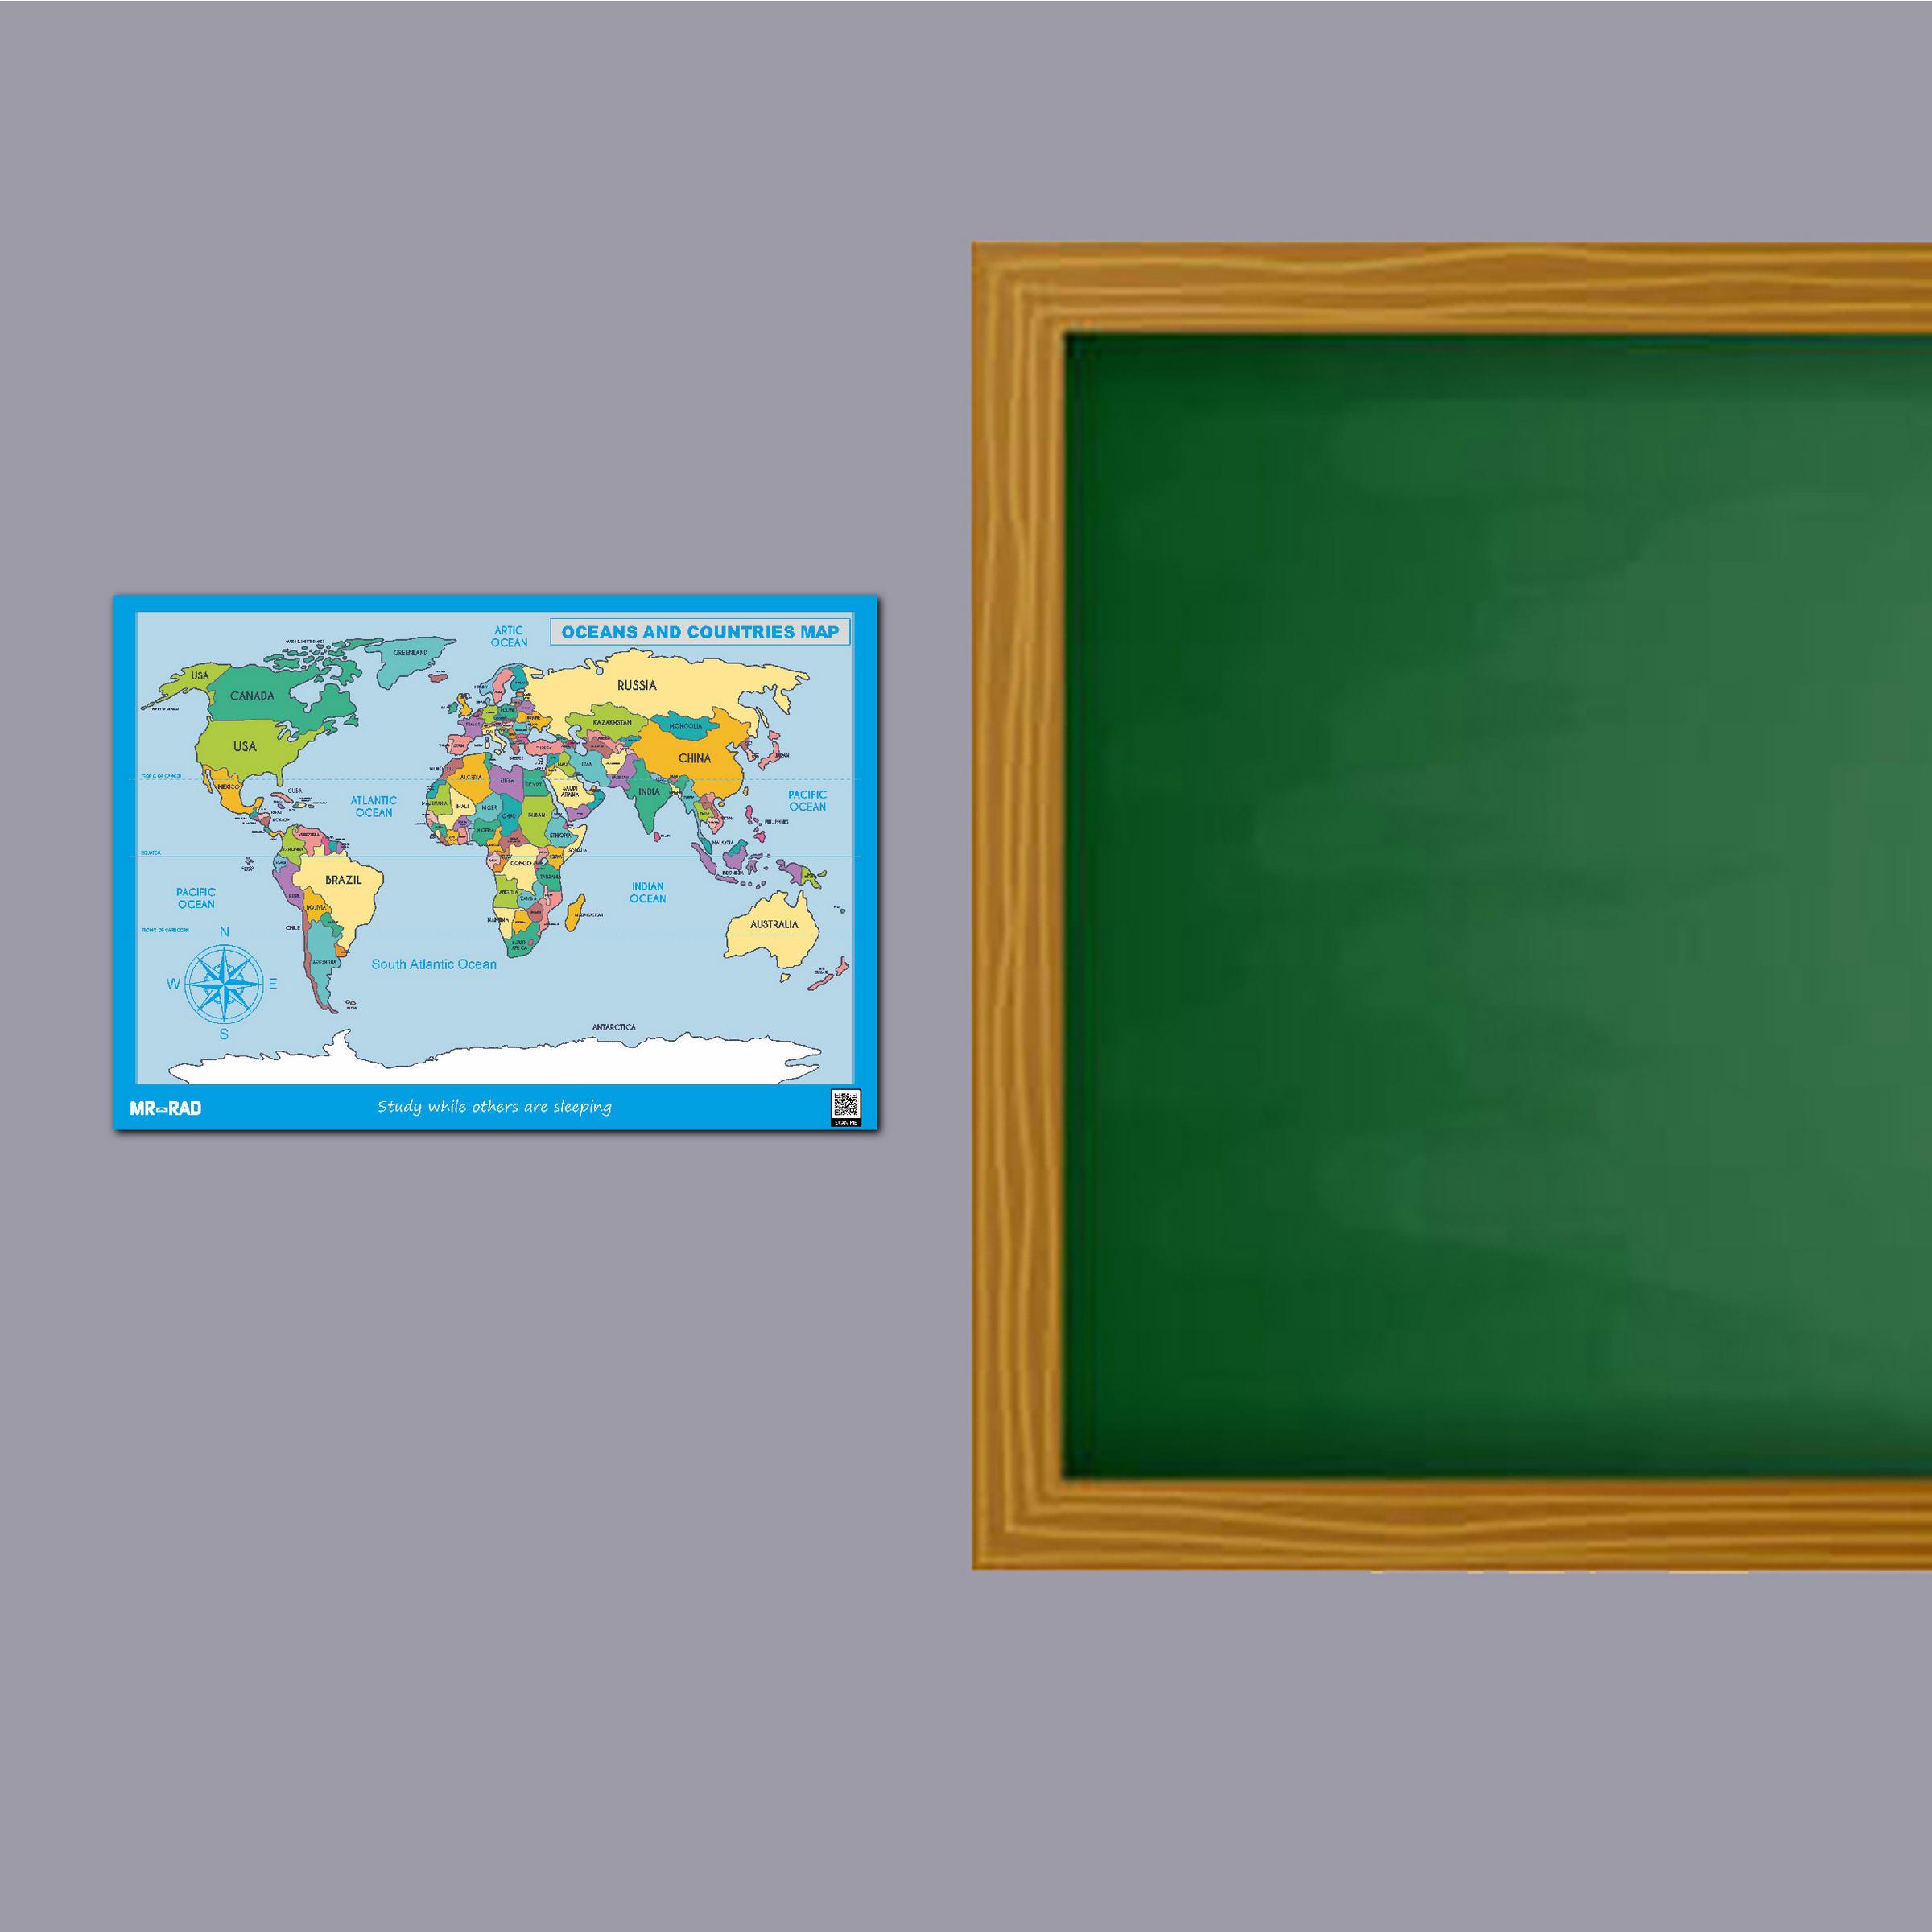 پوستر آموزشی FG طرح نقشه اقیانوس ها و کشورها مدل map10070